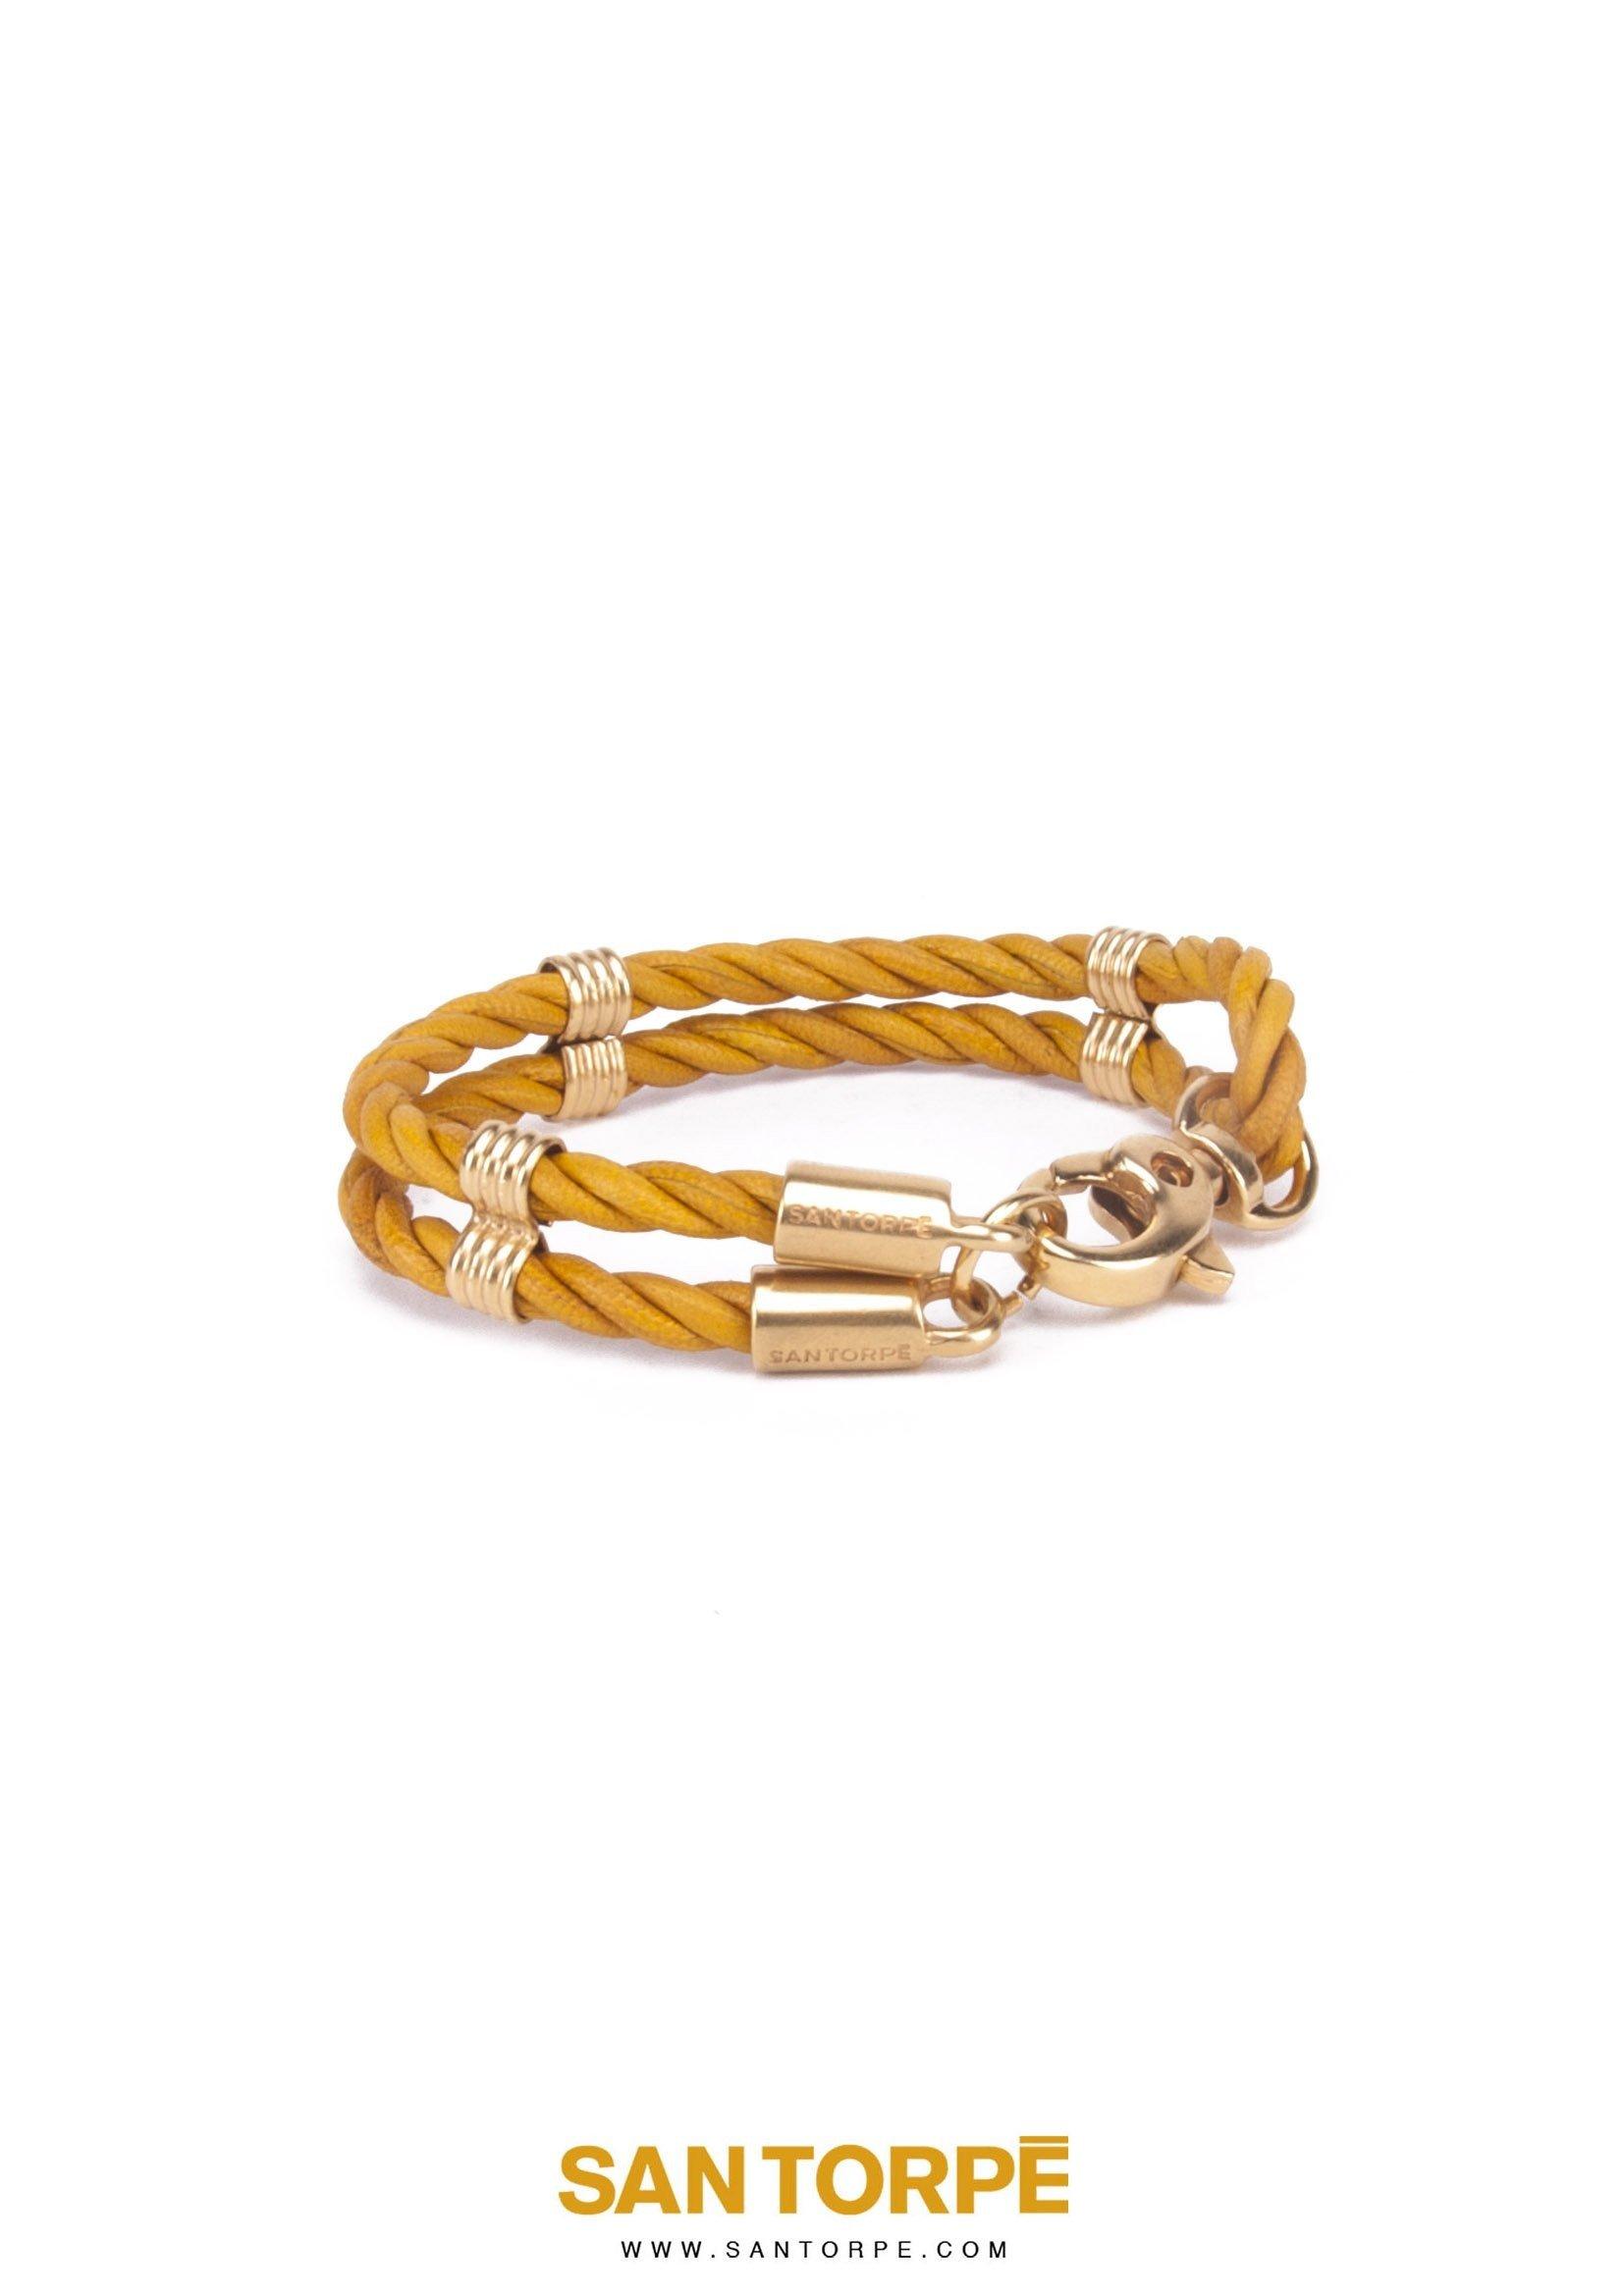 TOPAZ GOLD LEATHER BRACELET-688